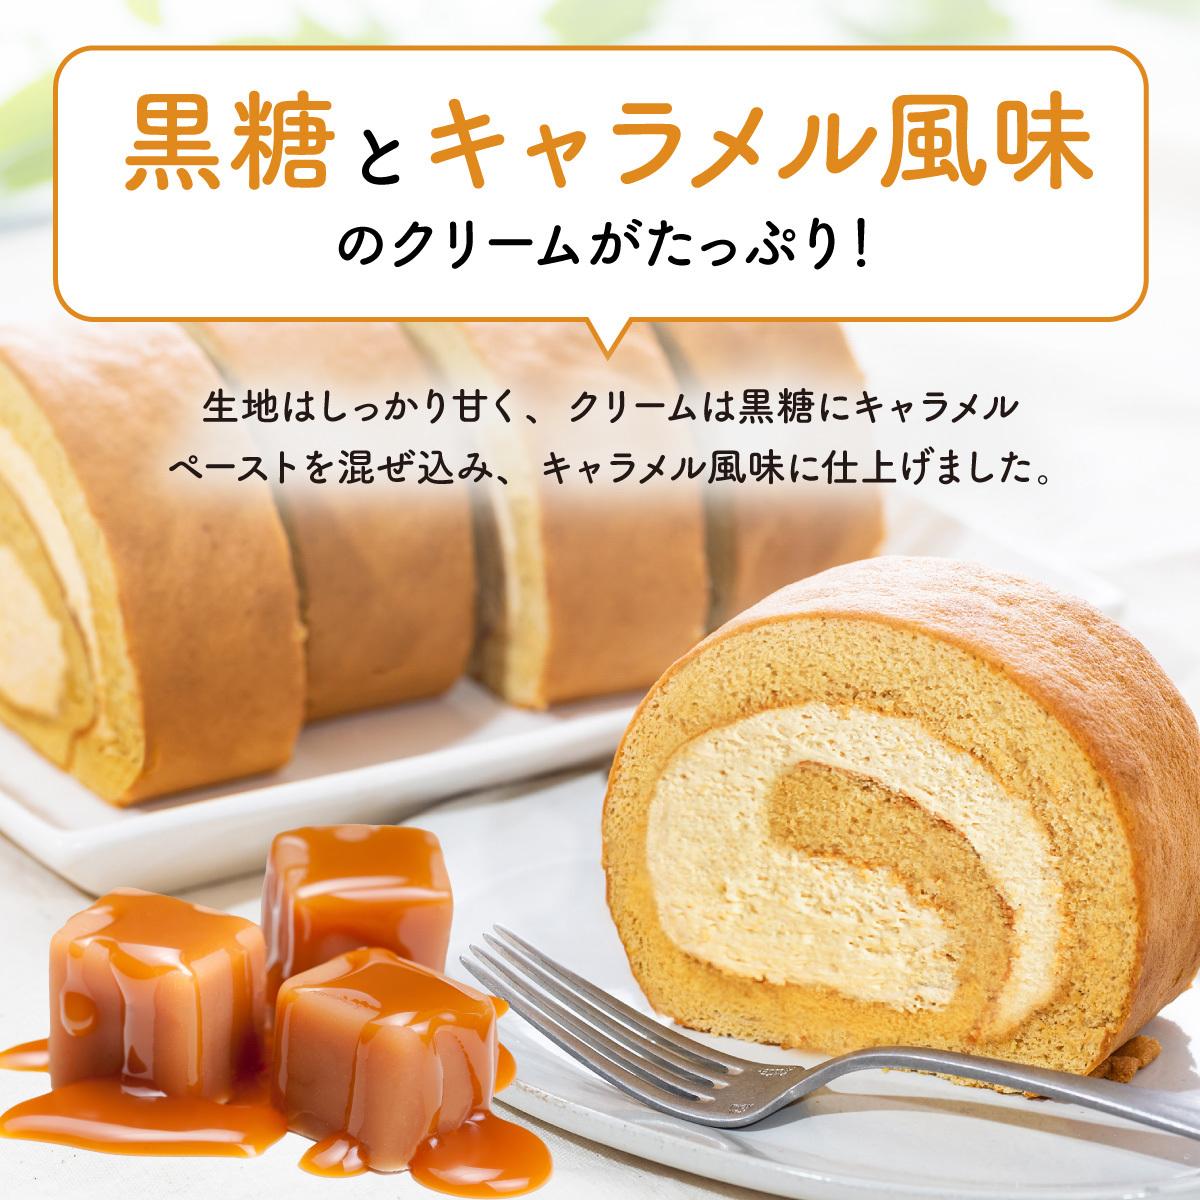 ロール 黒糖 和菓子・熊本銘菓の通販店